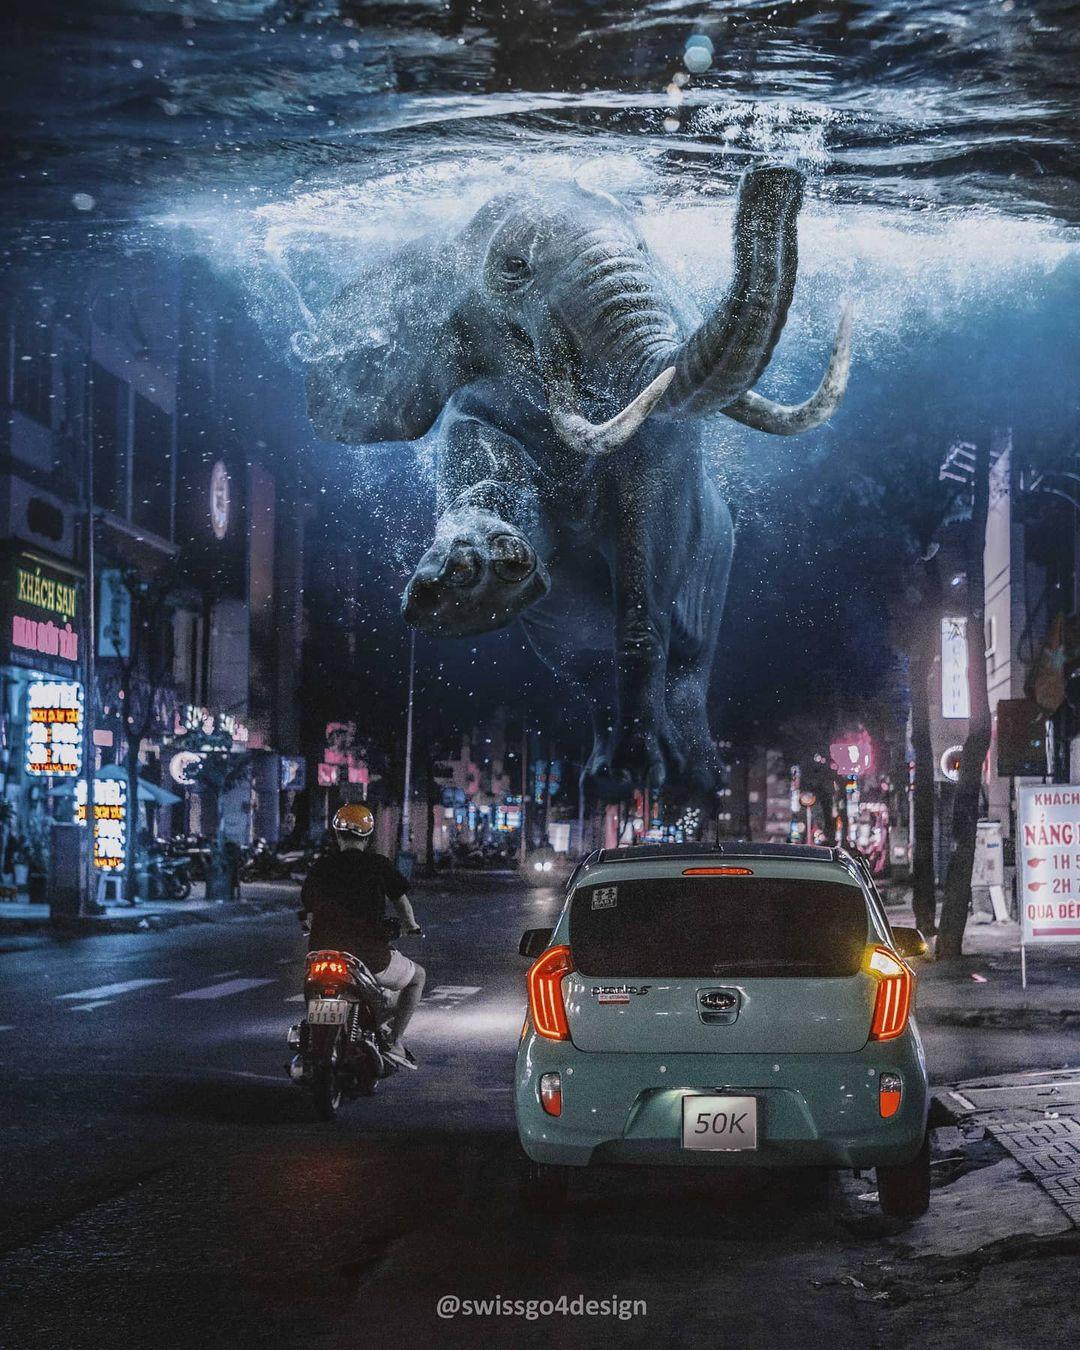 Невероятный сюрреалистический мир от Хансруди Рамзауэра